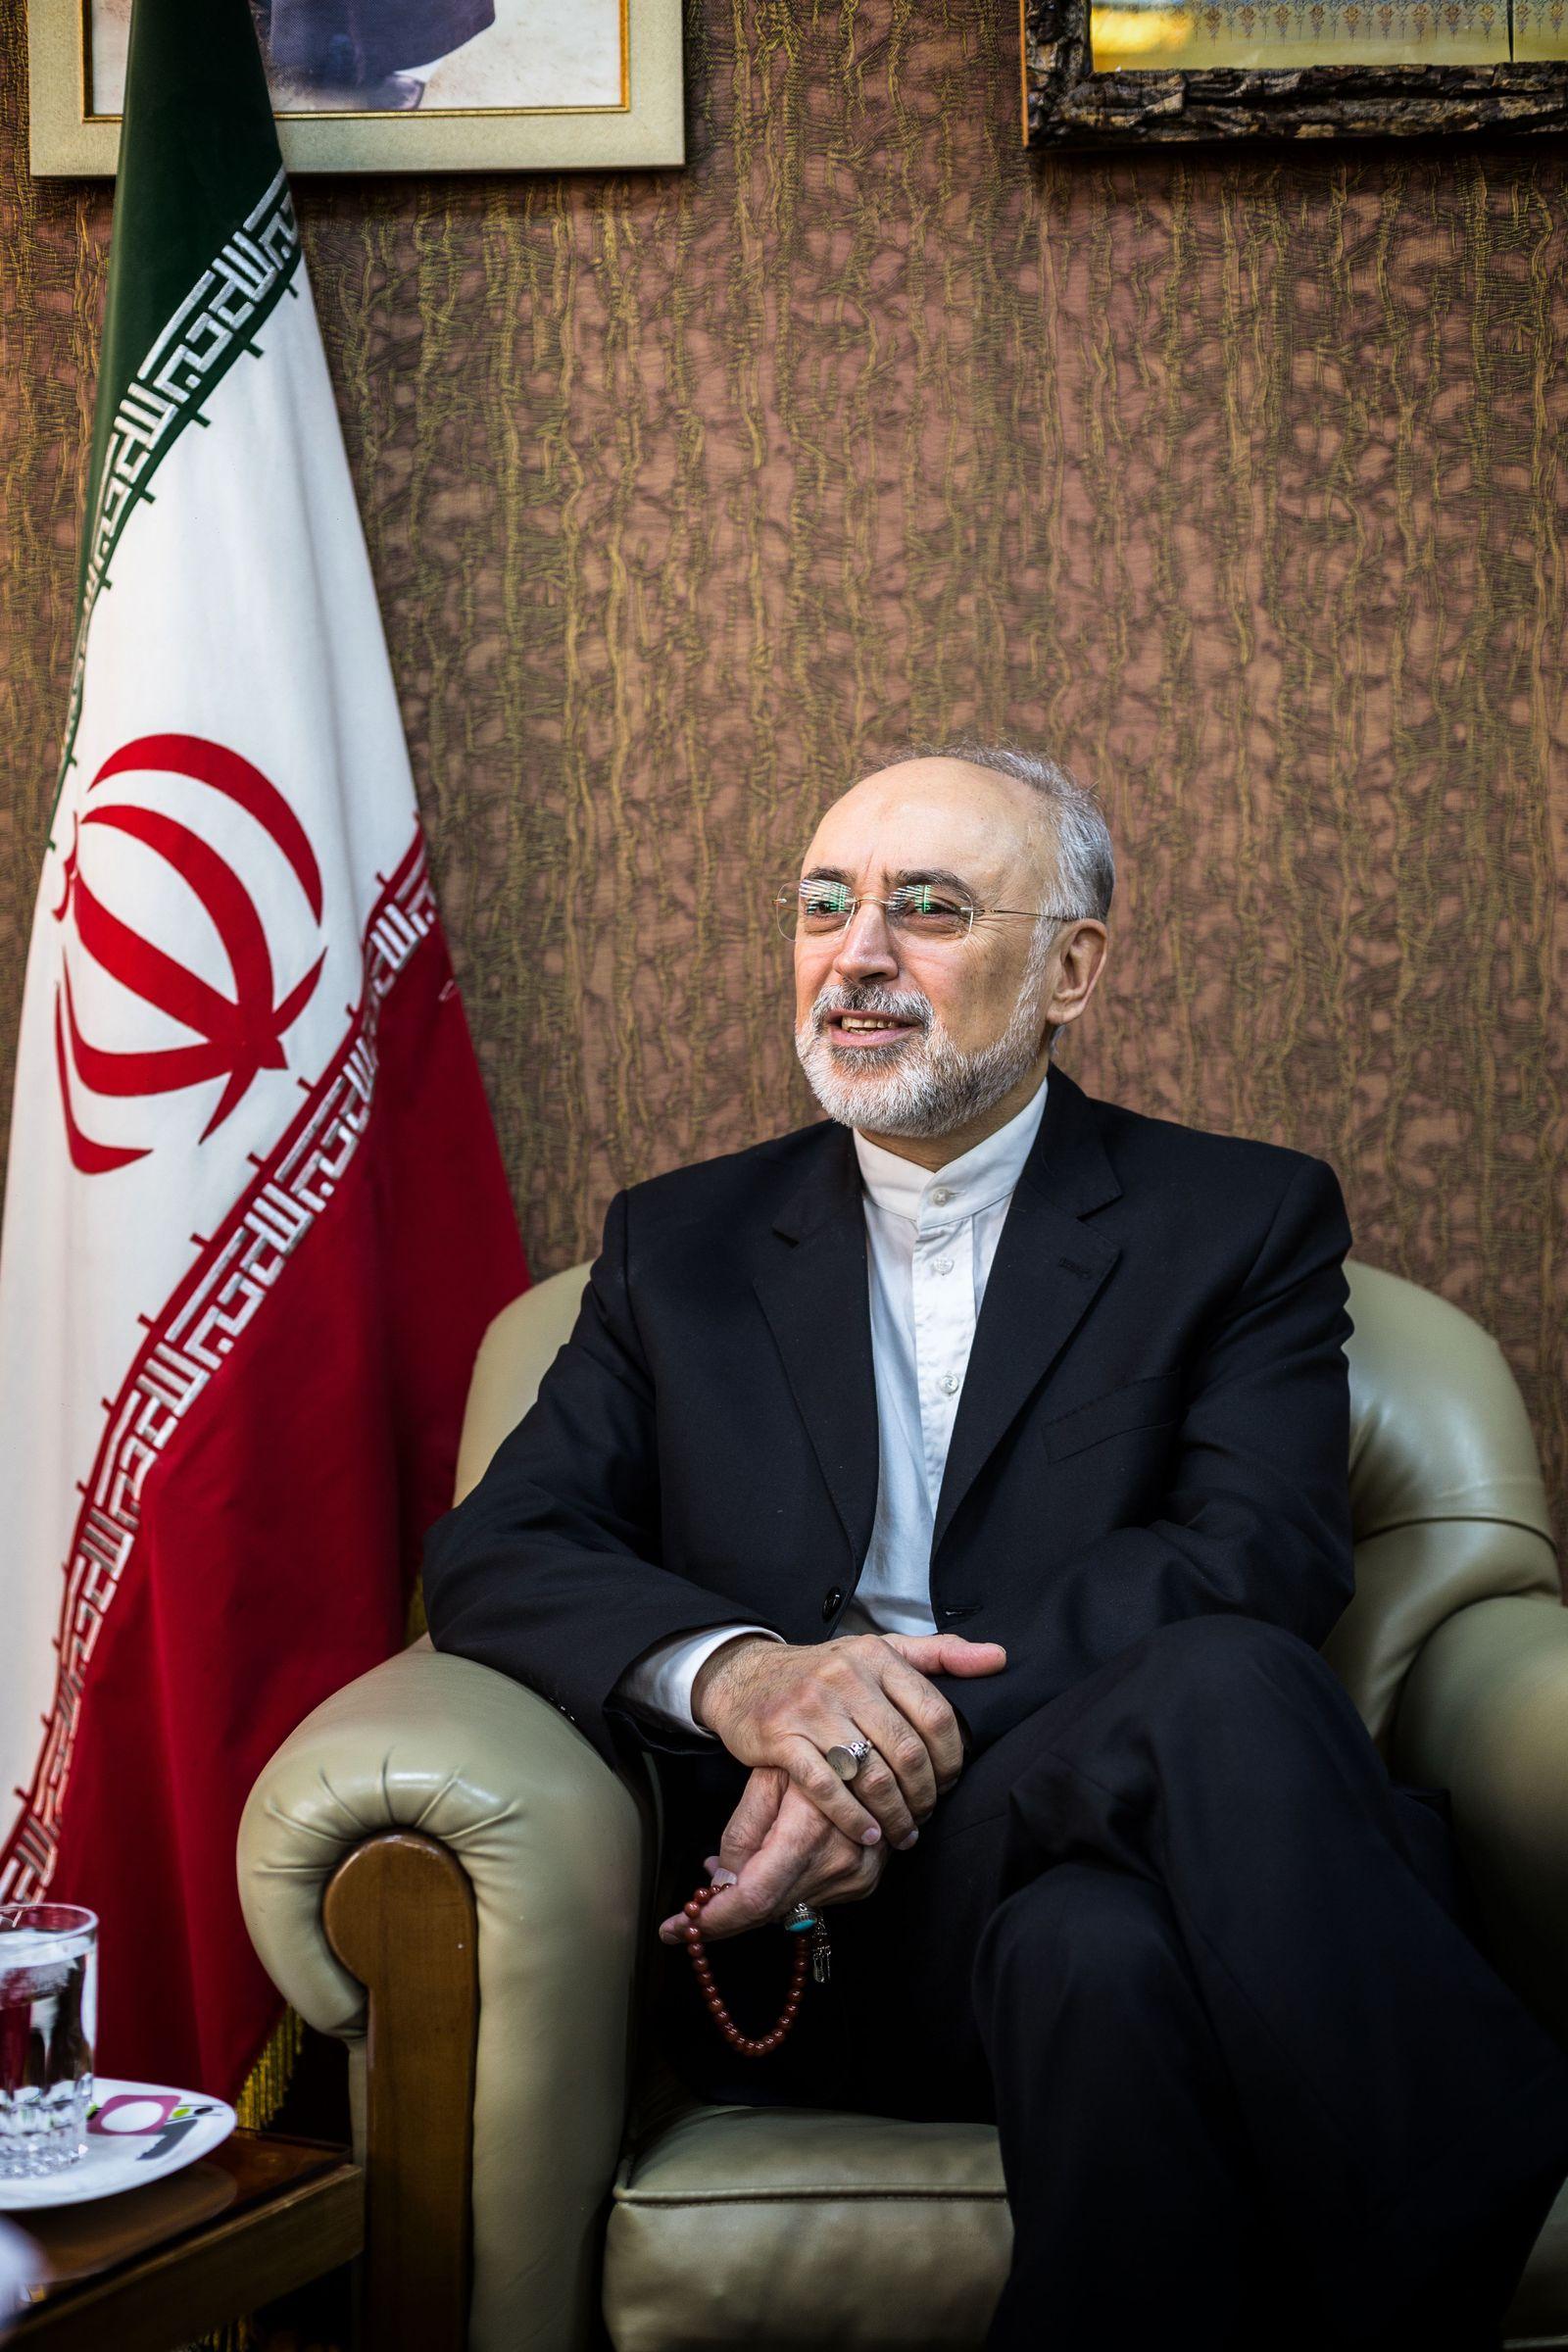 EINMALIGE VERWENDUNG SPIN SPIEGEL 37/2017 S. 106 Iran Nuclear Deal Salehi